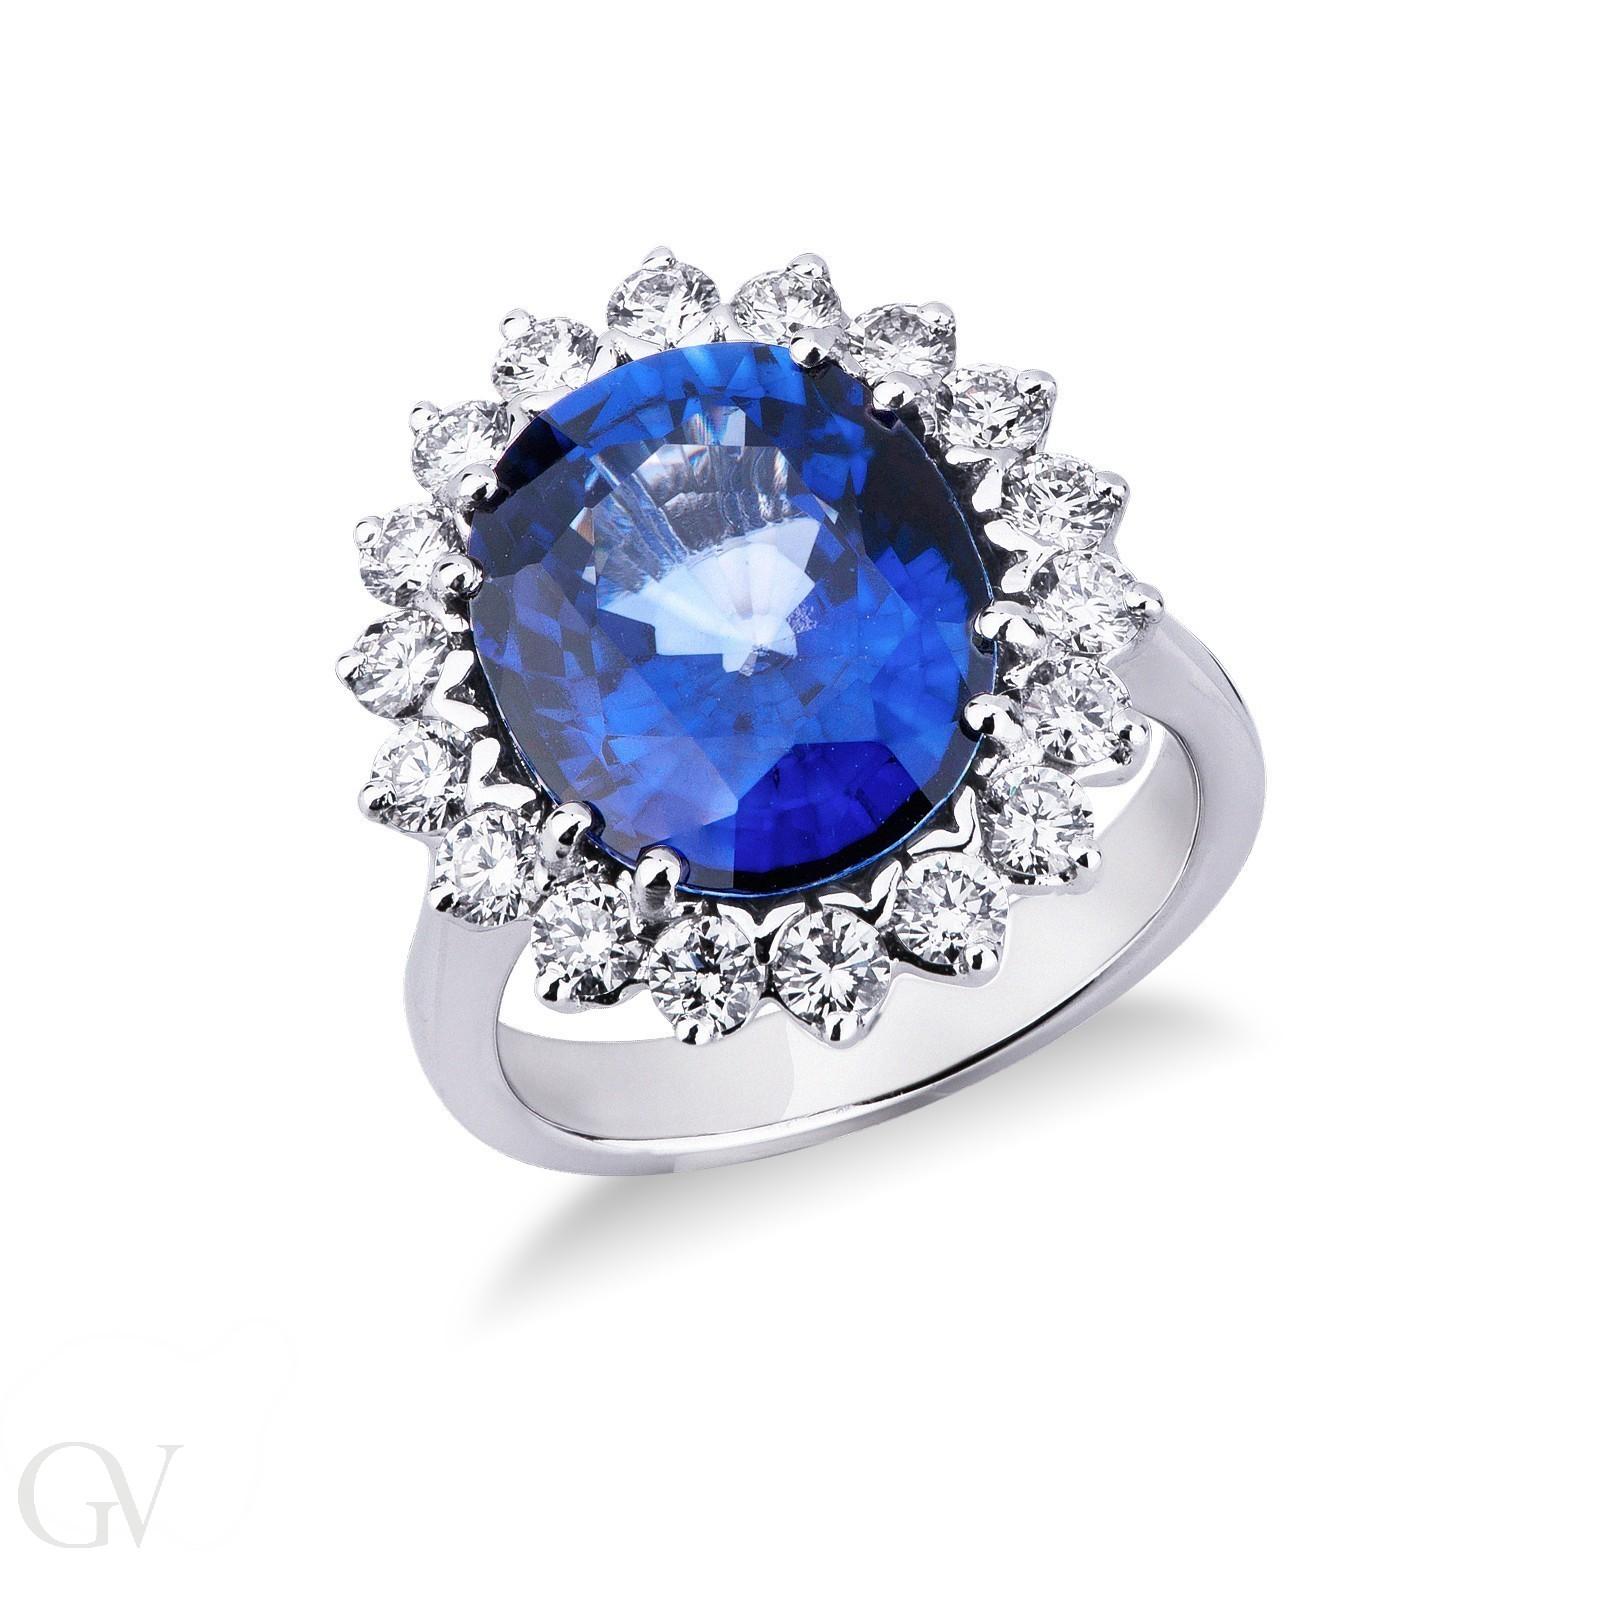 Anello contorno in oro bianco 18k con diamanti e Zaffiro Blu.